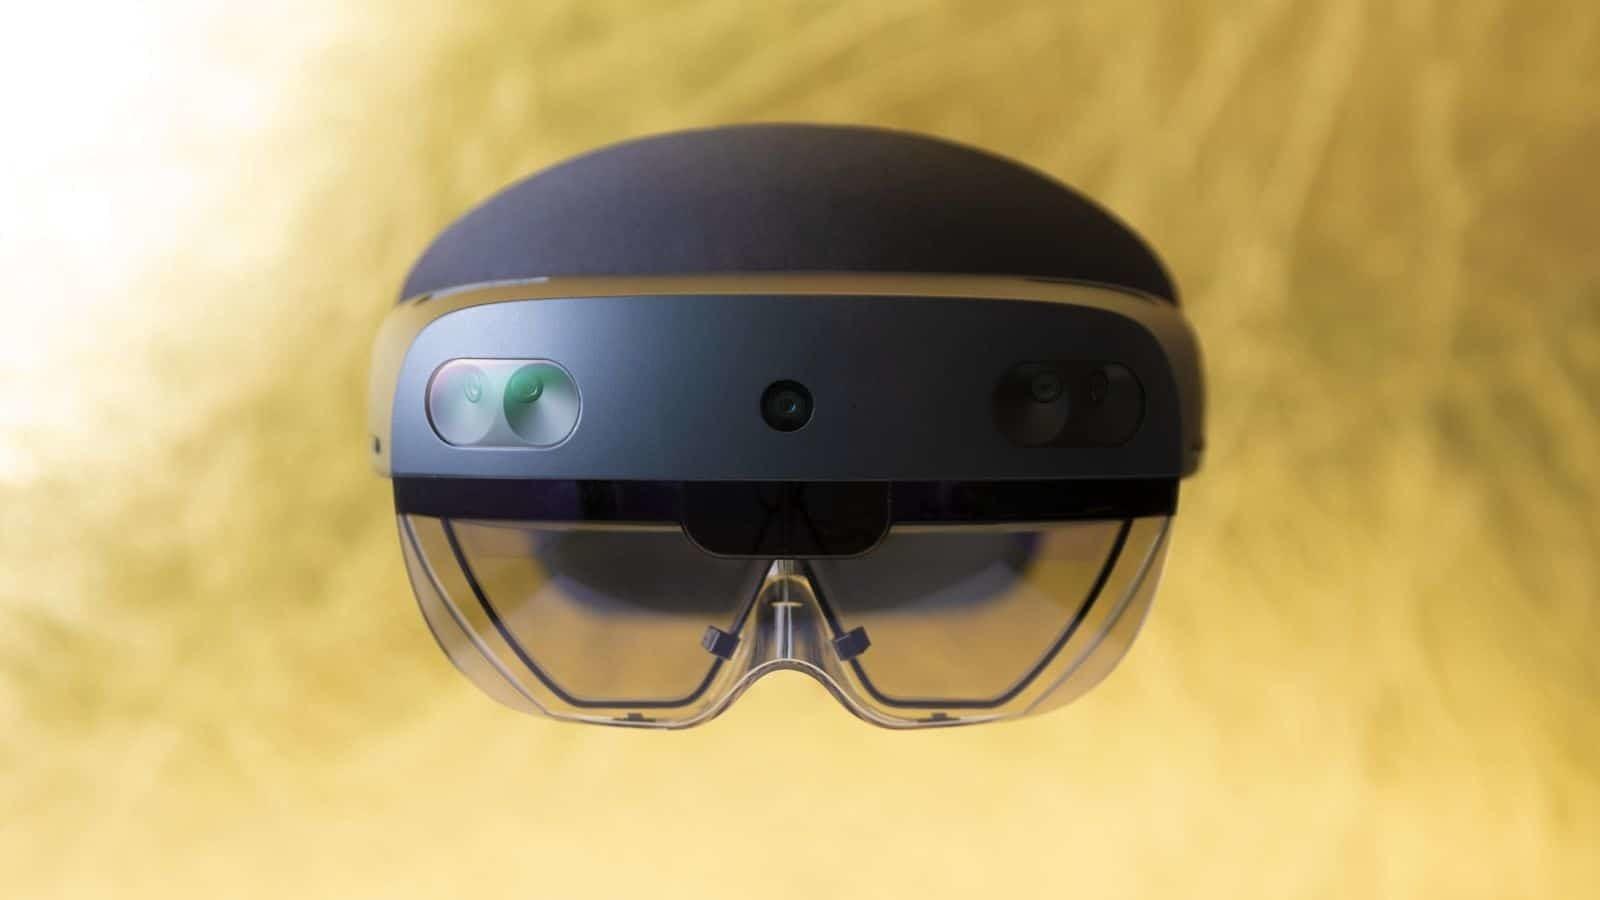 ميزات نظارة الواقع الافتراضي Microsoft's Hololens